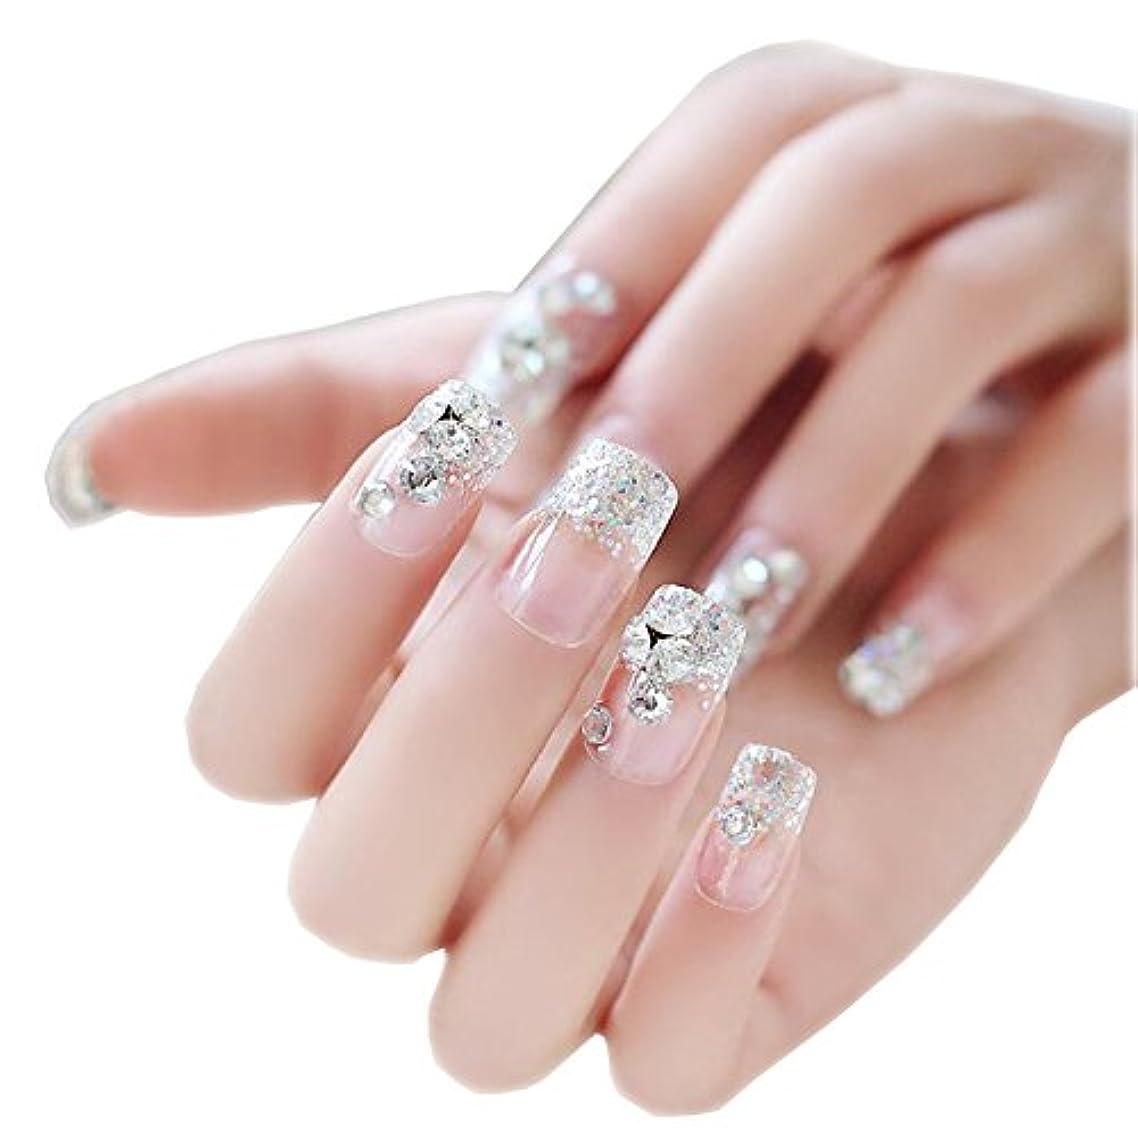 競合他社選手応用変更ネイルアートデカールのネイルは一時的にダイヤモンドで透明に包み込みます